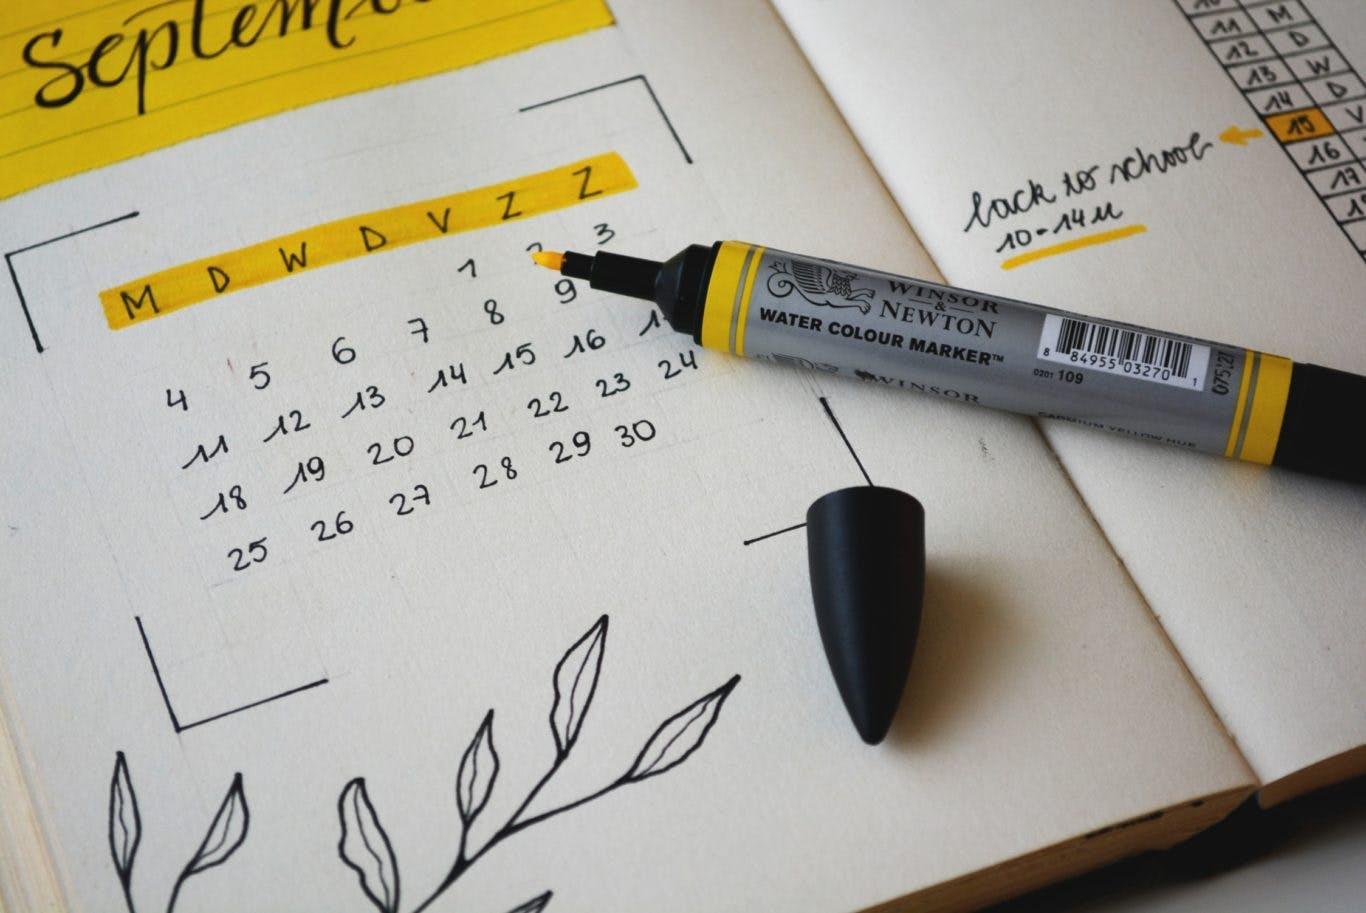 Bullet journal for September